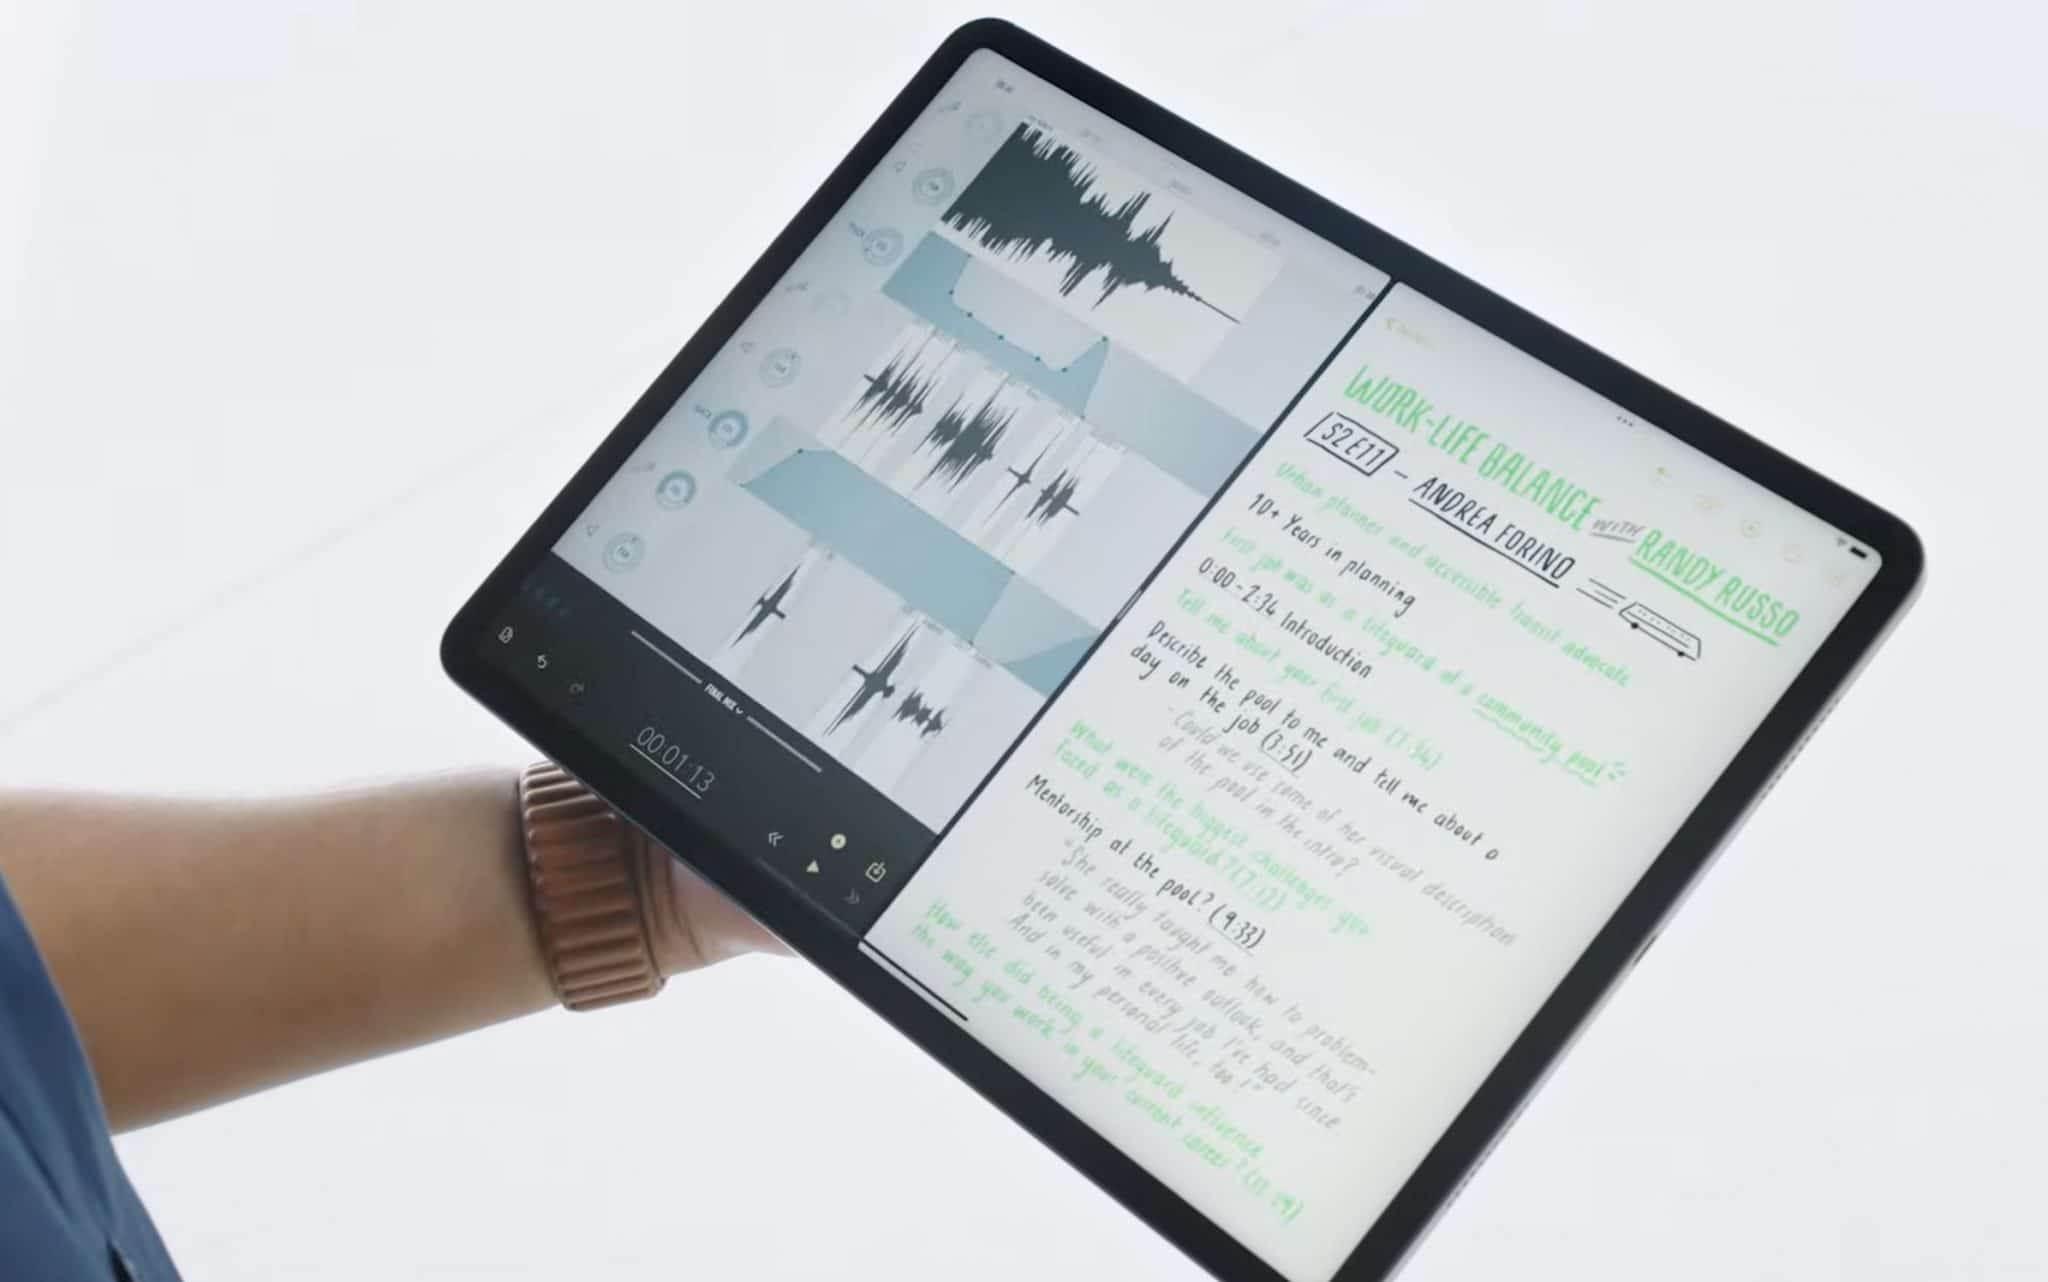 iPadOS 15 oficjalnie zaprezentowany. Przegląd nowości polecane, ciekawostki zmiany, Nowości, iPadOS 15 oficjalnie, iPadOS 15, co nowego w ipadOS 15  Dziś oprócz iOS 15, Apple zaprezentowało światu także iPadOS 15. W tym wpisie znajdziecie listę najważniejszych zmian i nowości jakie pojawiły się w najnowszej wersji iPadOS. iPadOS15 3